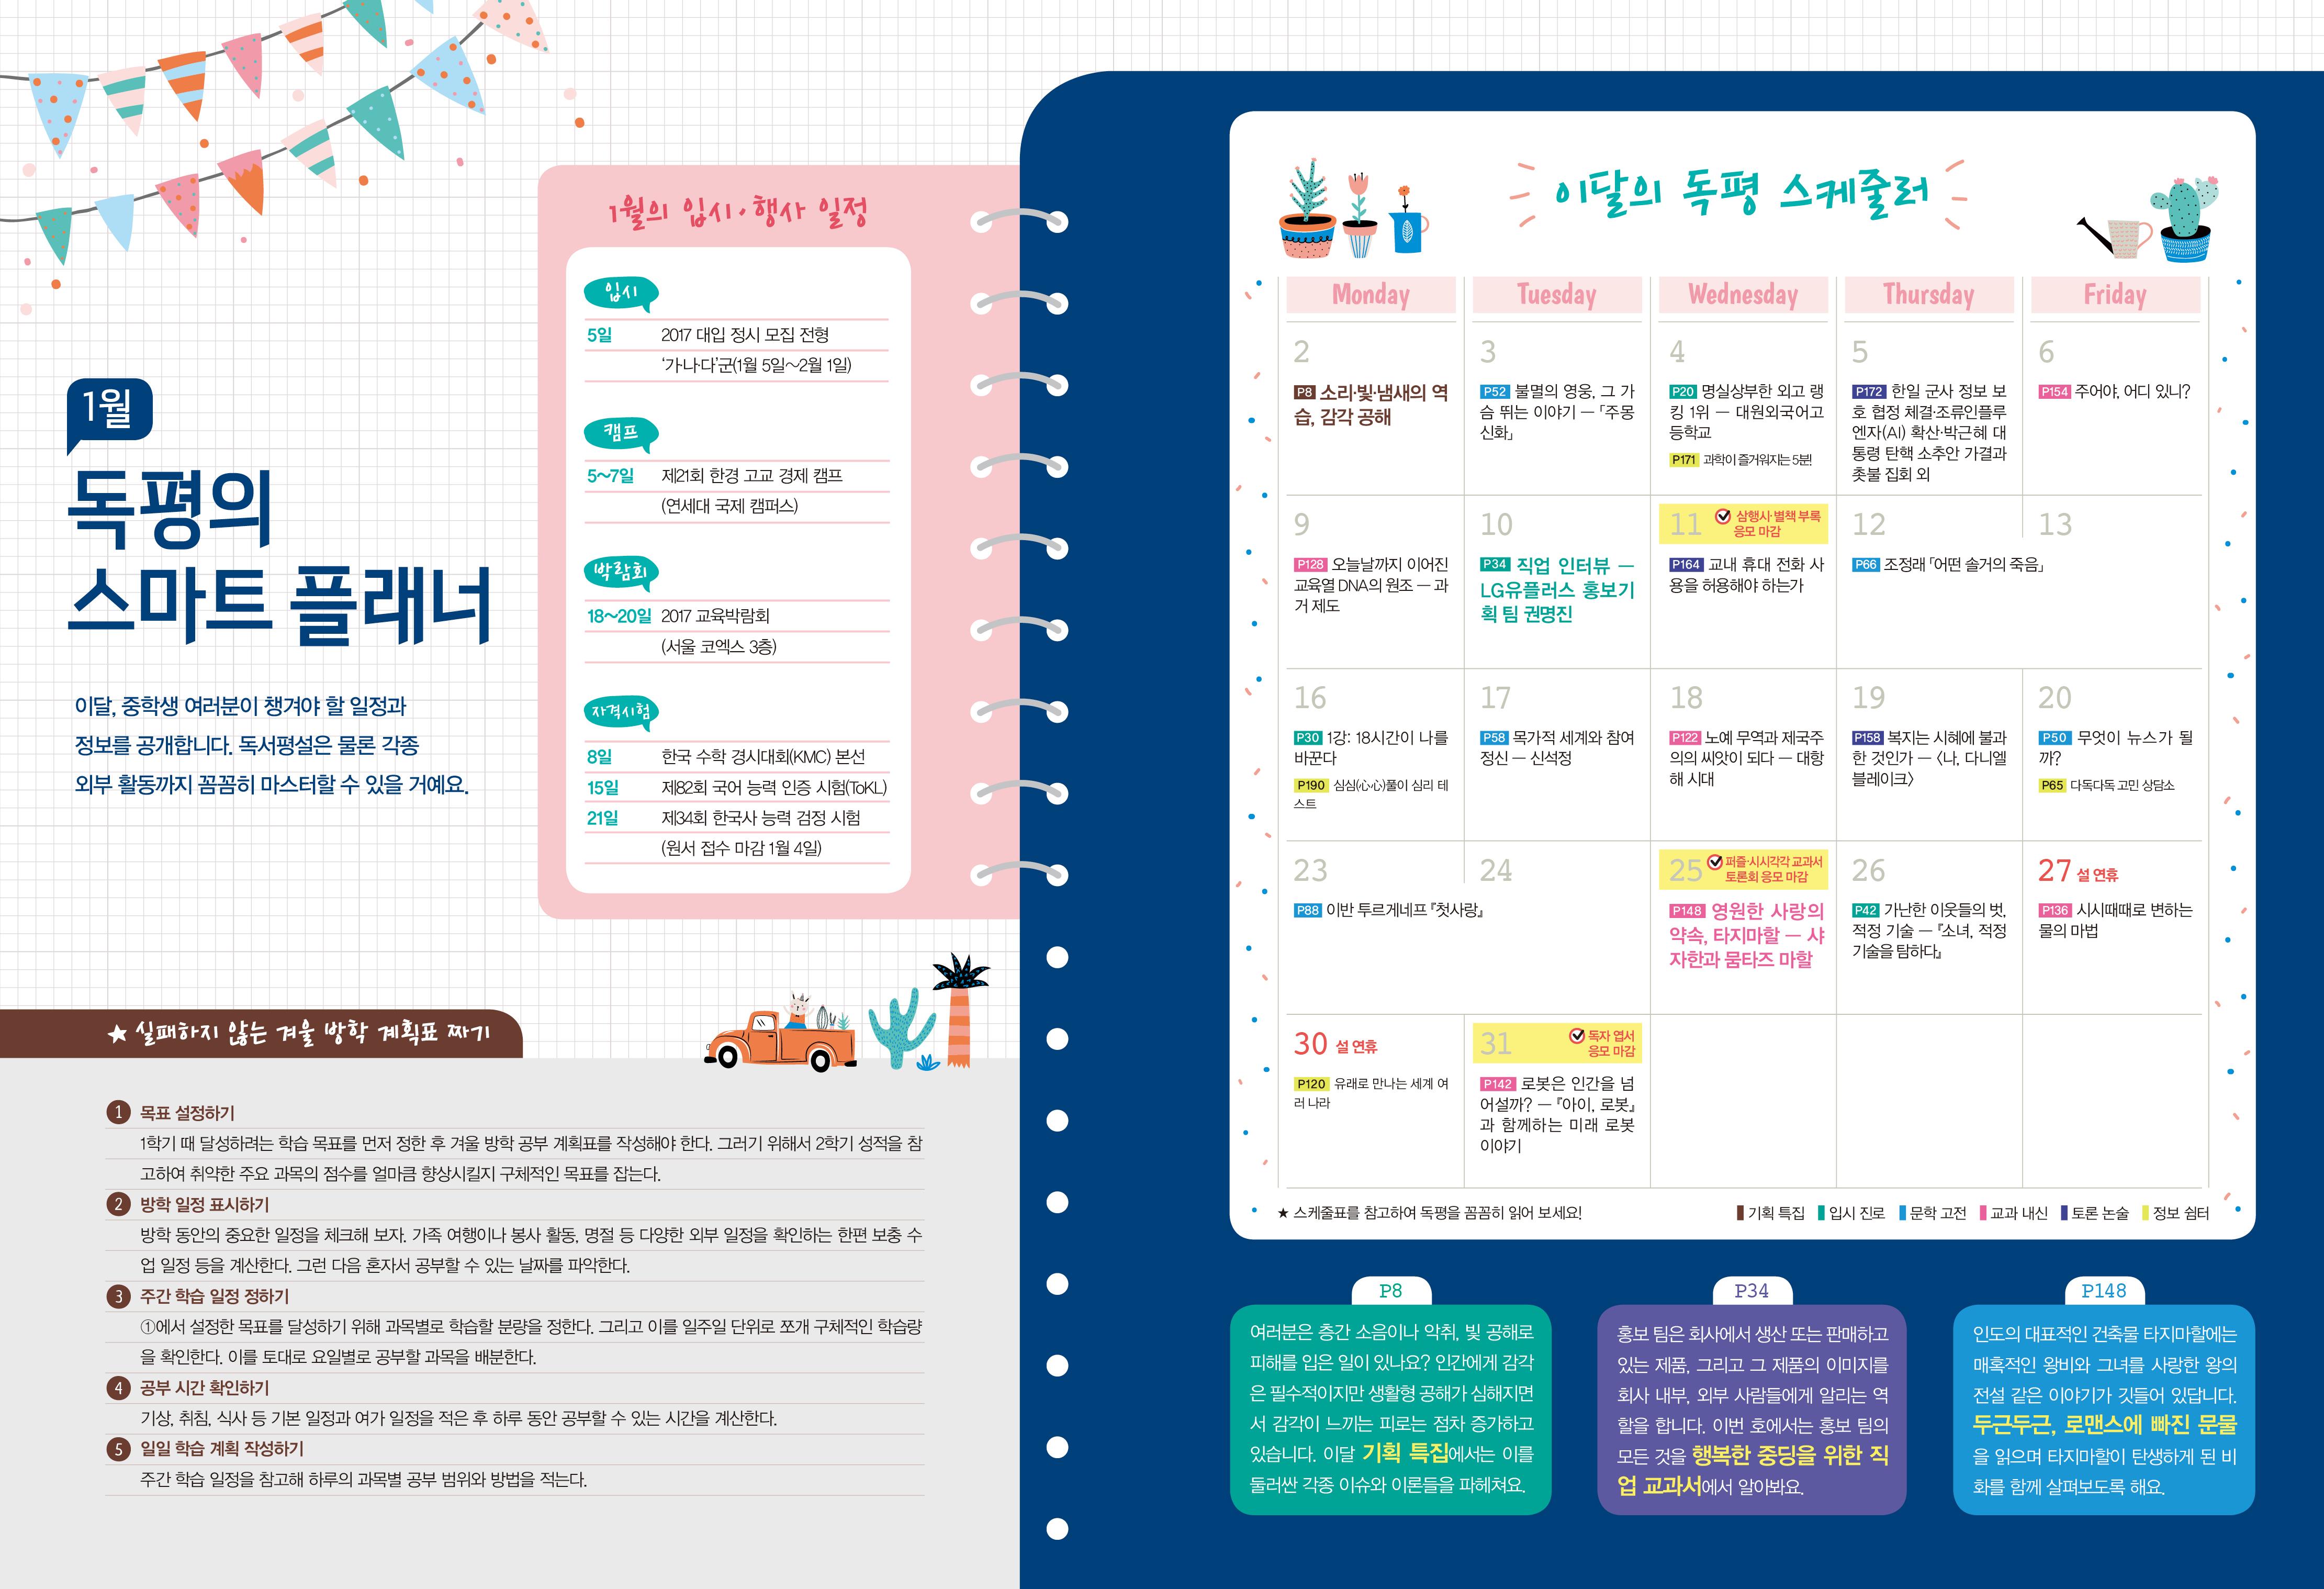 이달의 독서 계획표(1월)